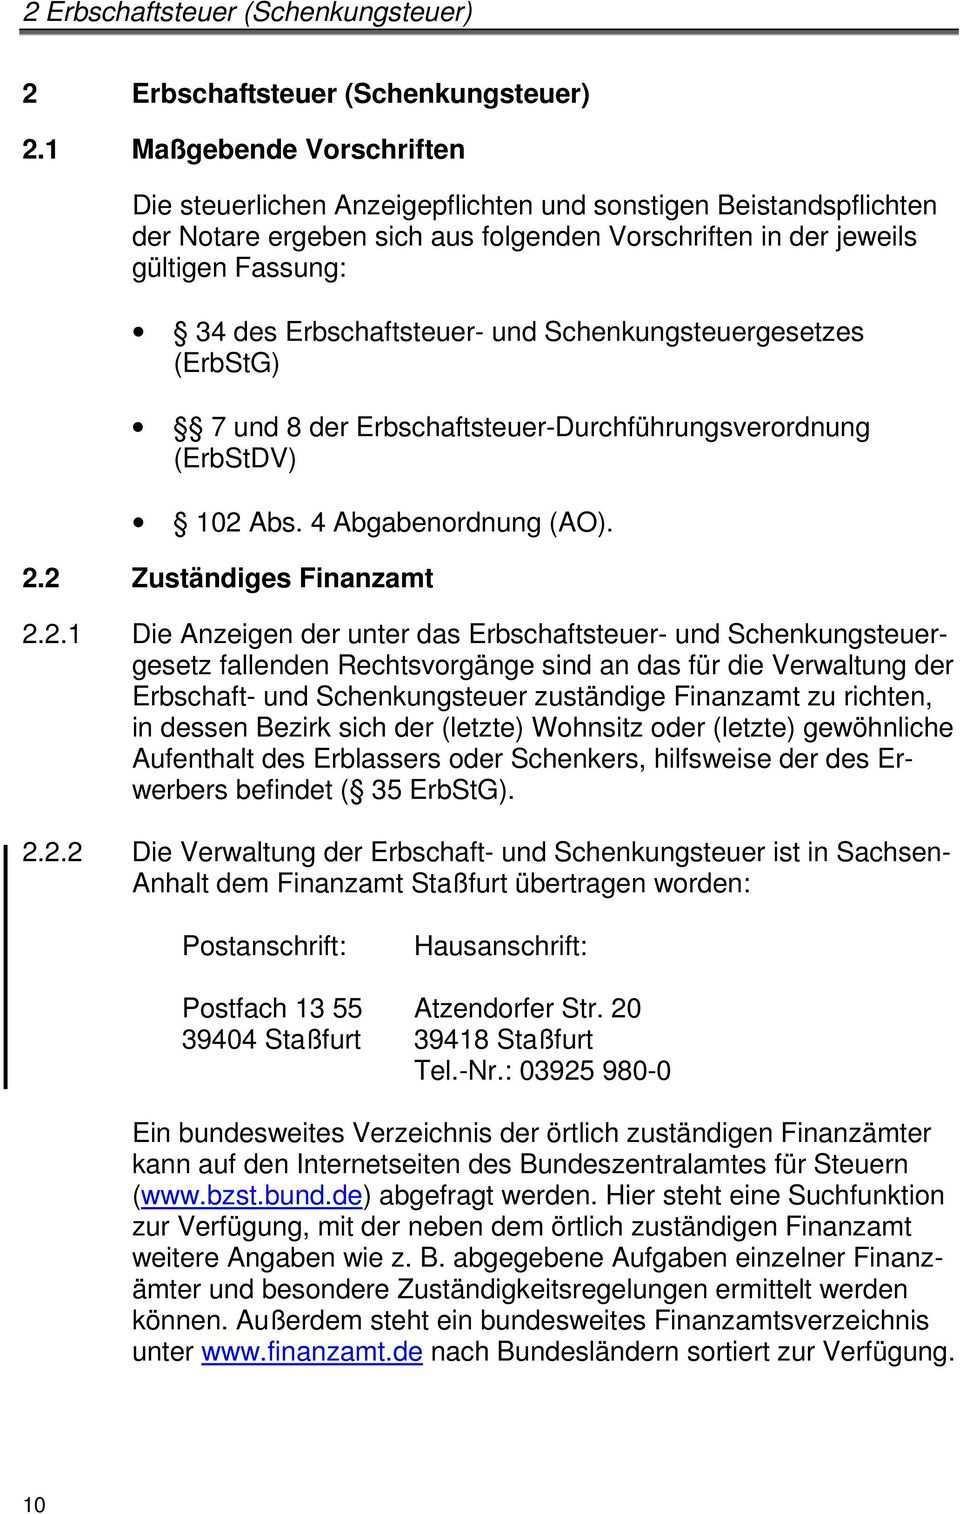 Merkblatt Grunderwerbsteuer Erbschaftsteuer Schenkungsteuer Ertragsteuern Pdf Free Download